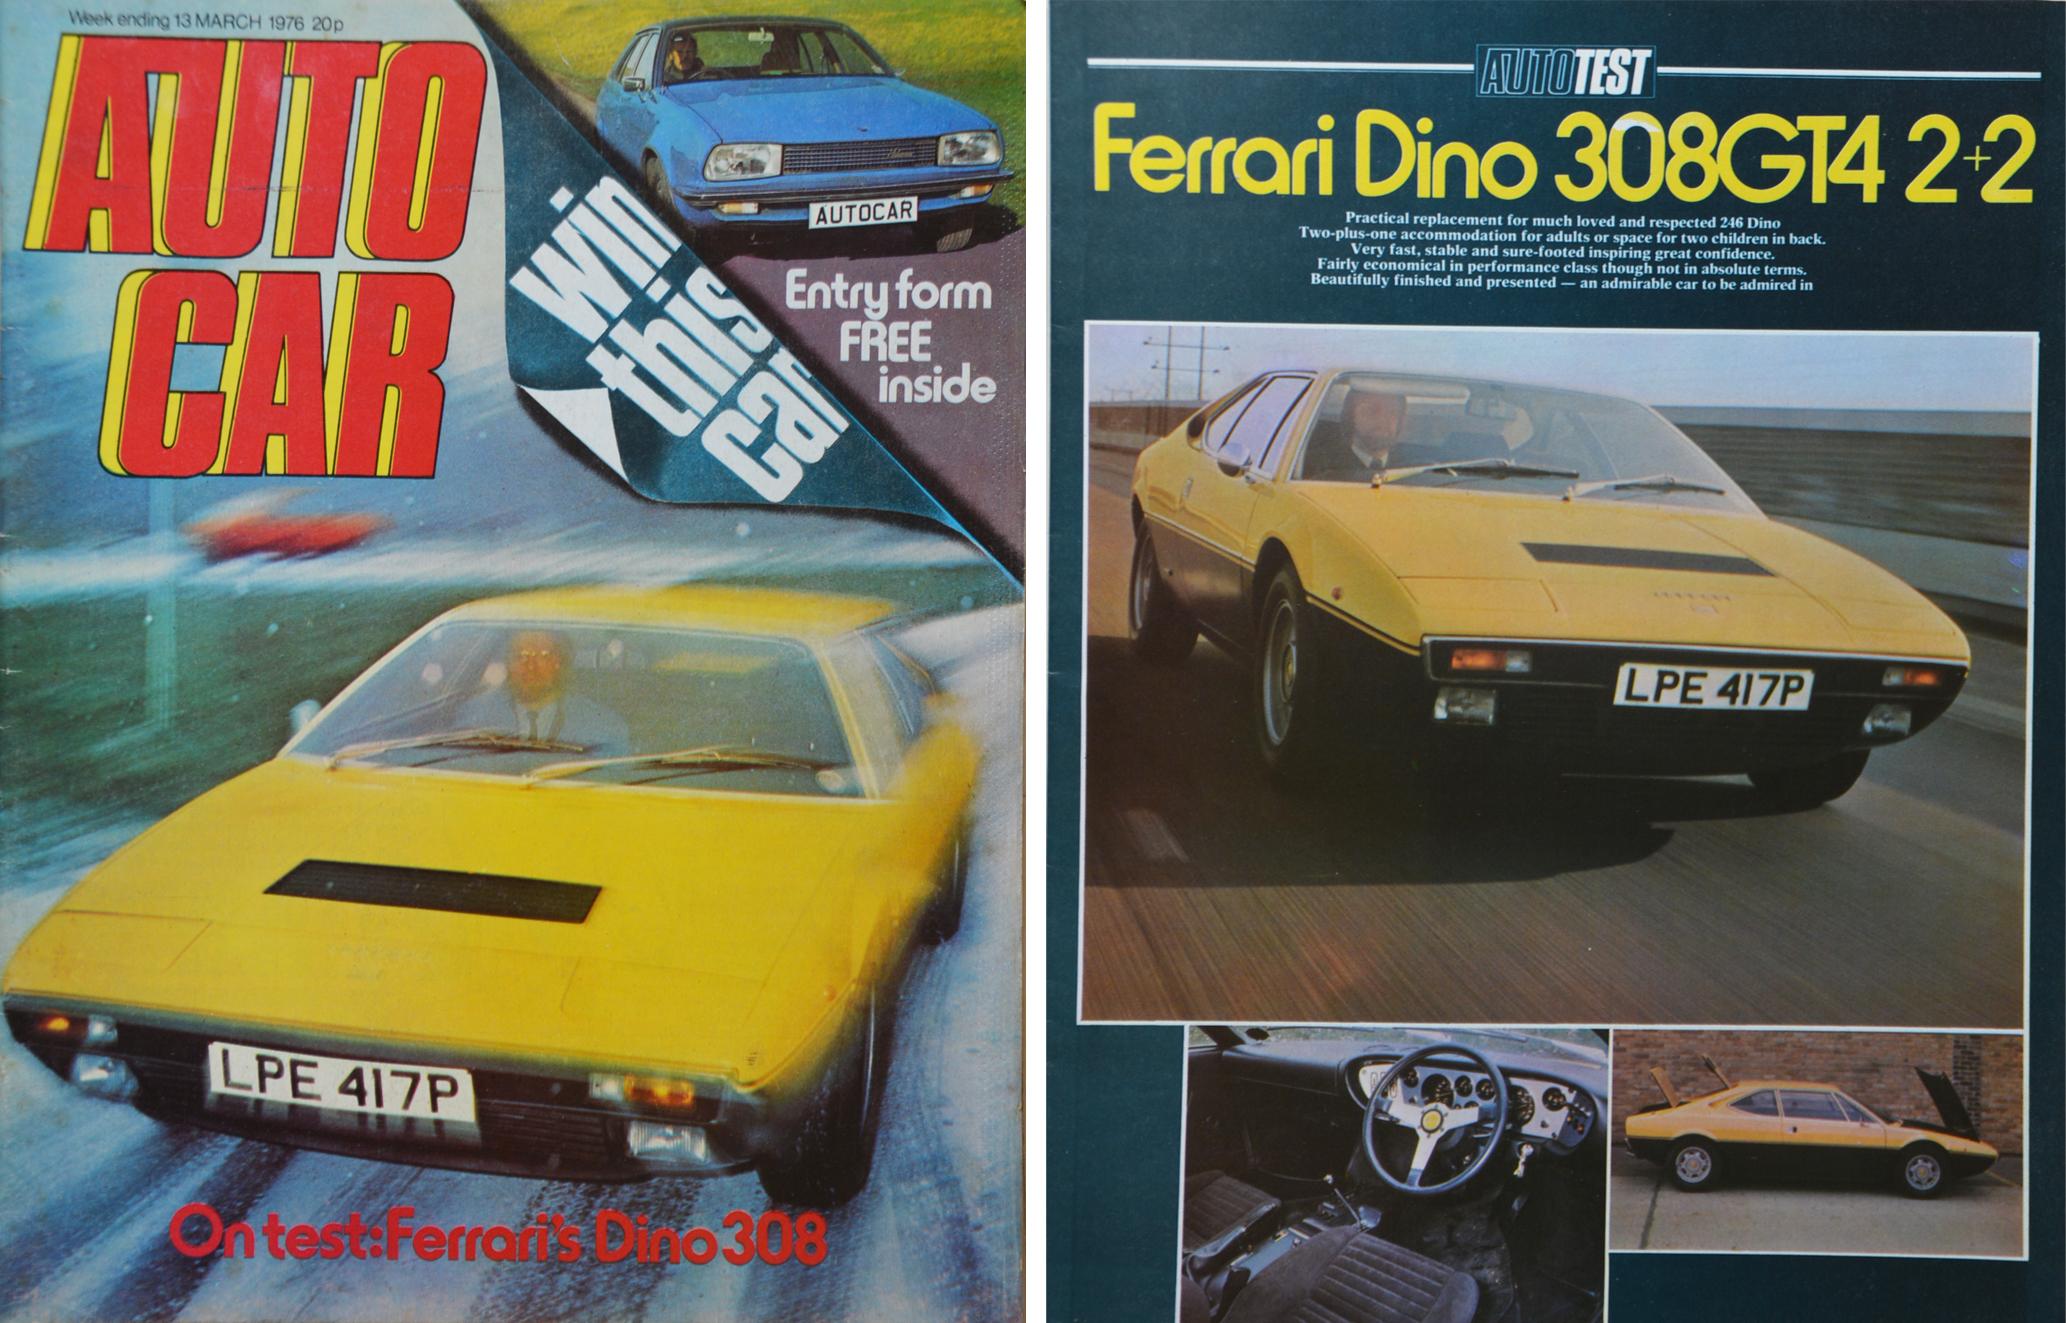 Auto Car march-1976_01